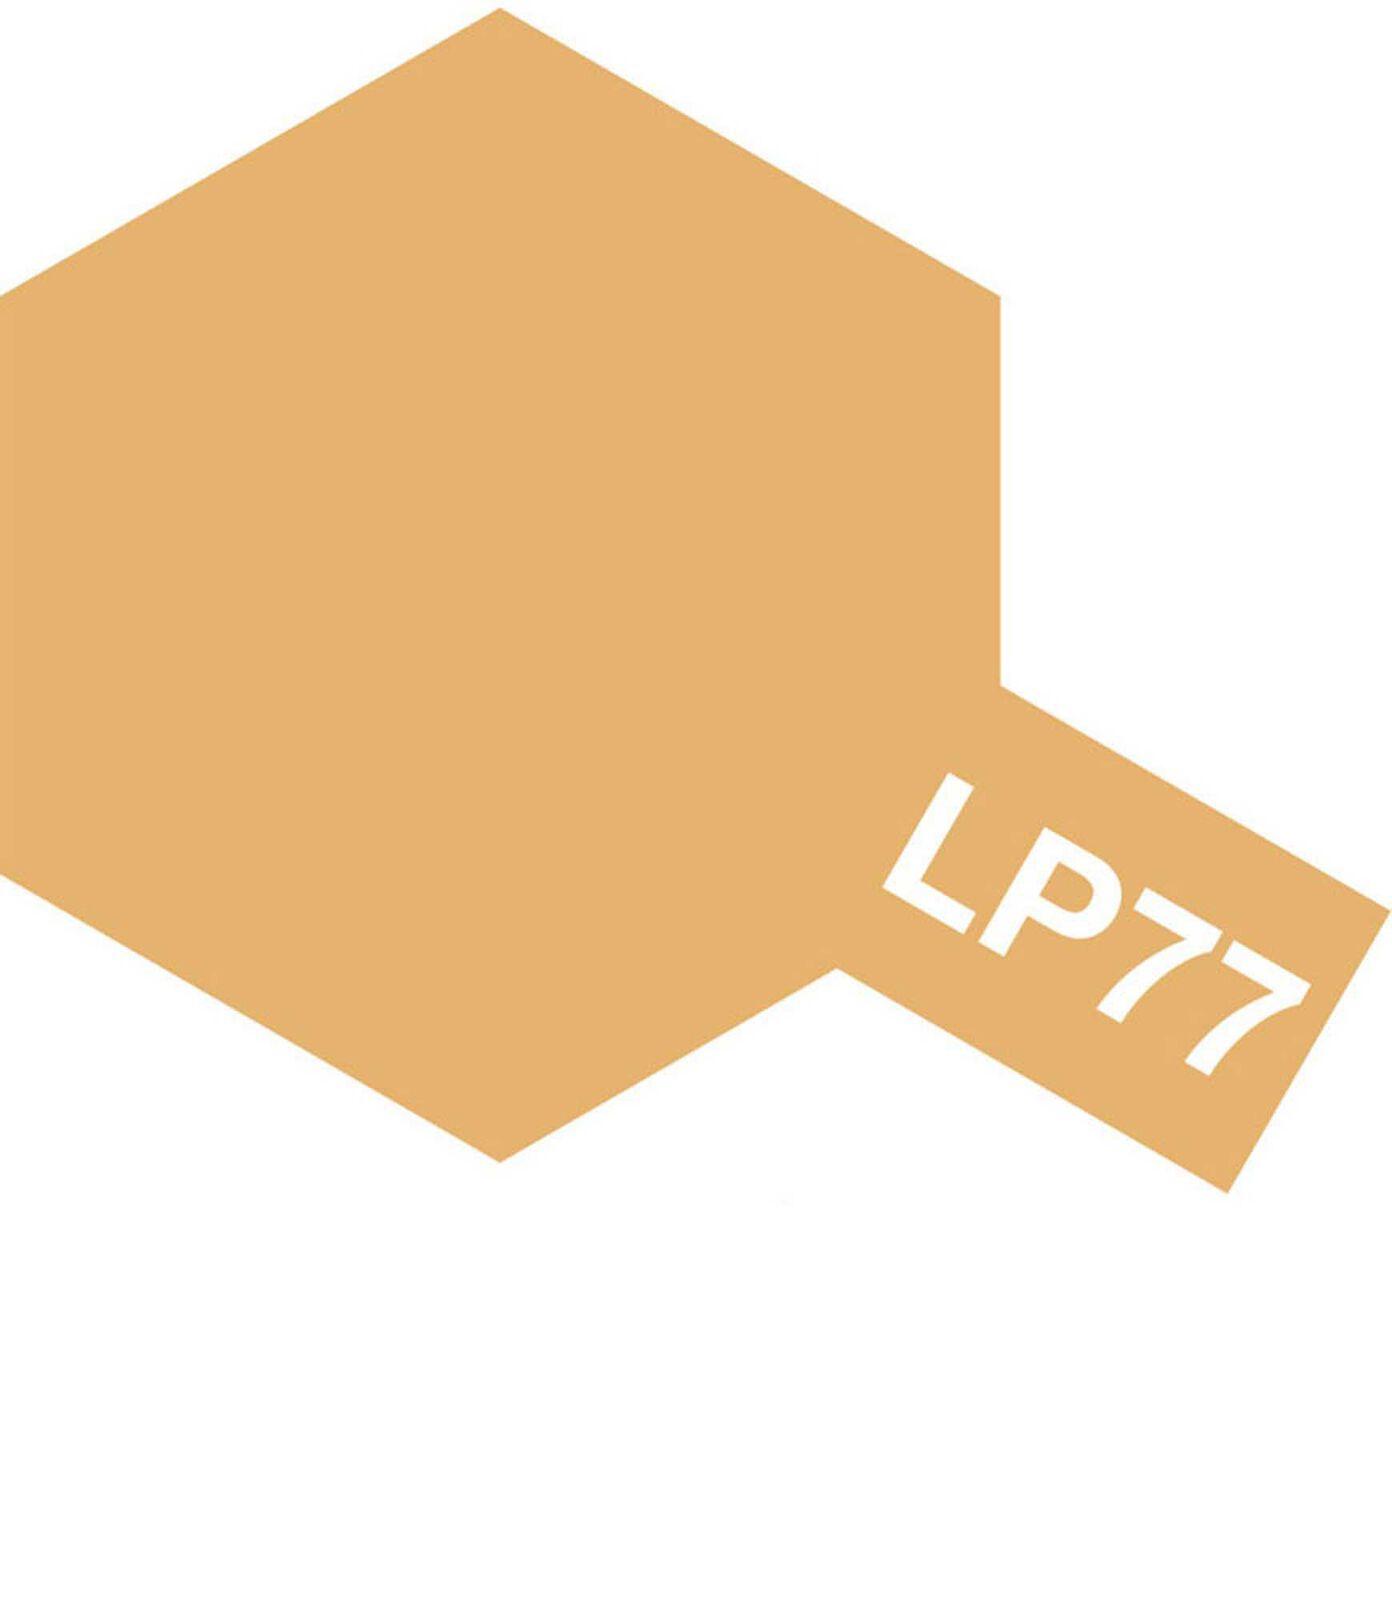 Lacquer Paint LP-77 Light Brown DAK 1942